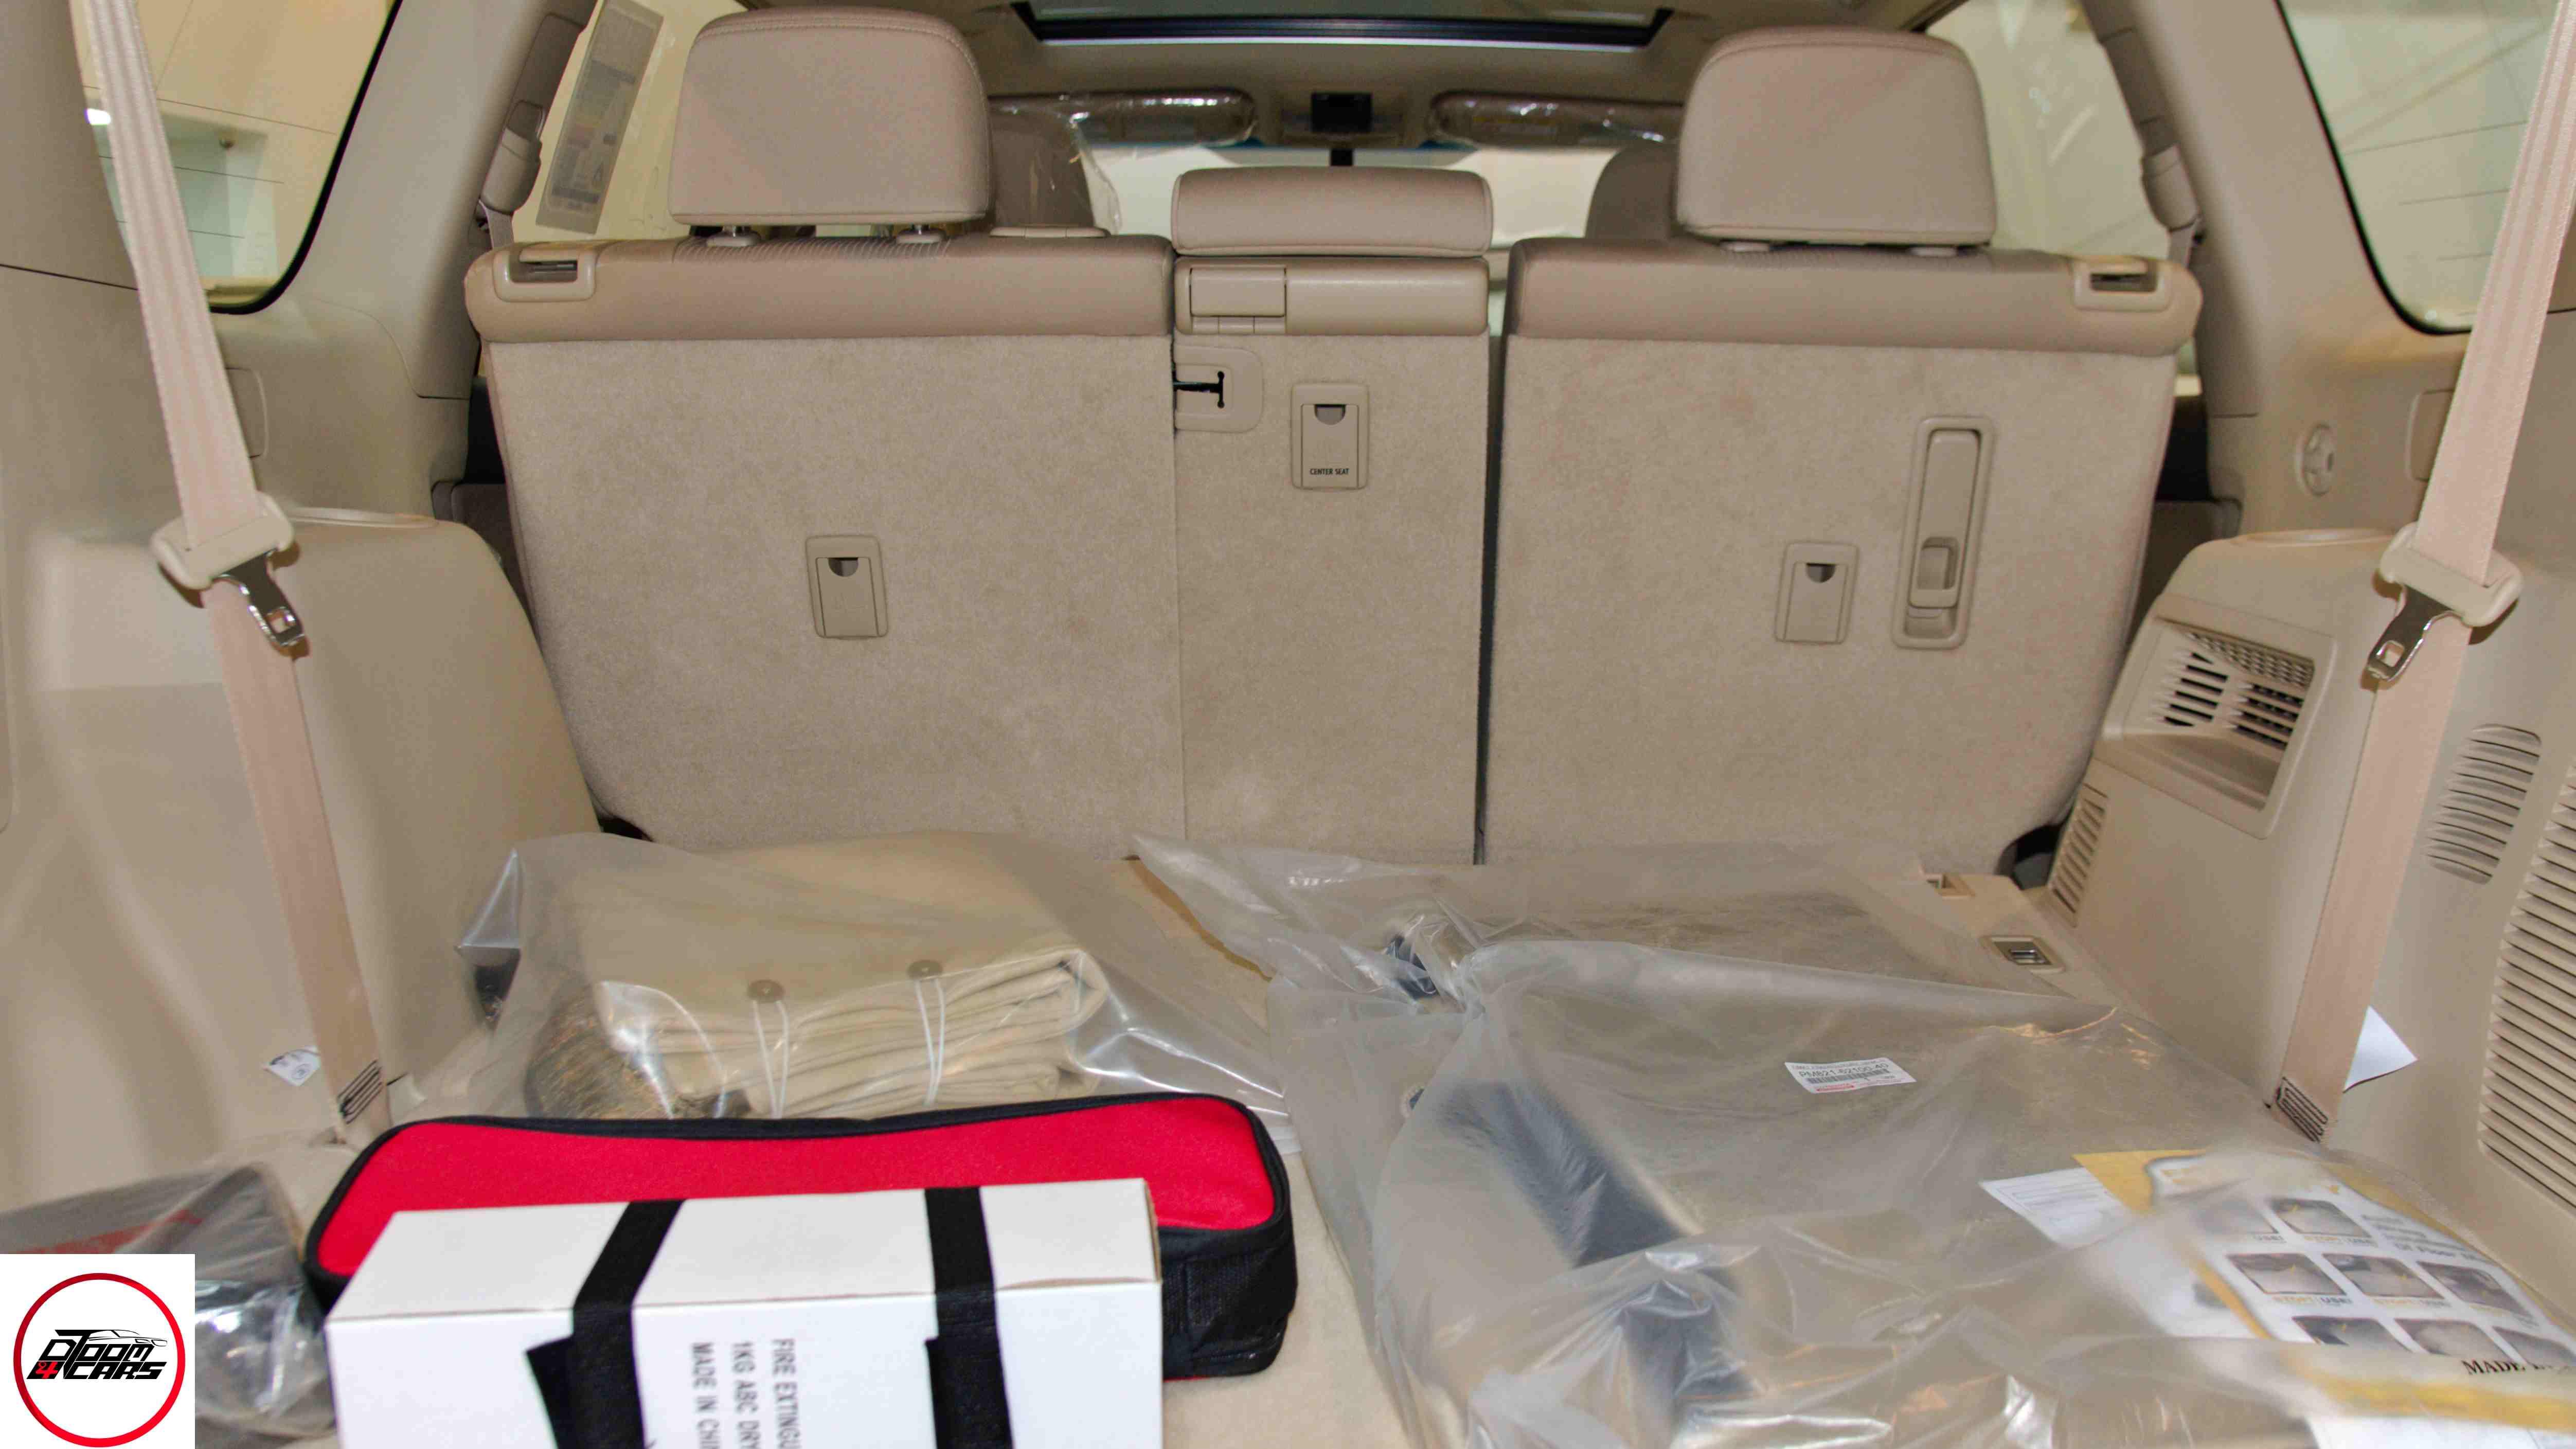 تويوتا برادو2021 VX1 بنزين  سعودي  للبيع في الرياض - السعودية - صورة كبيرة - 10